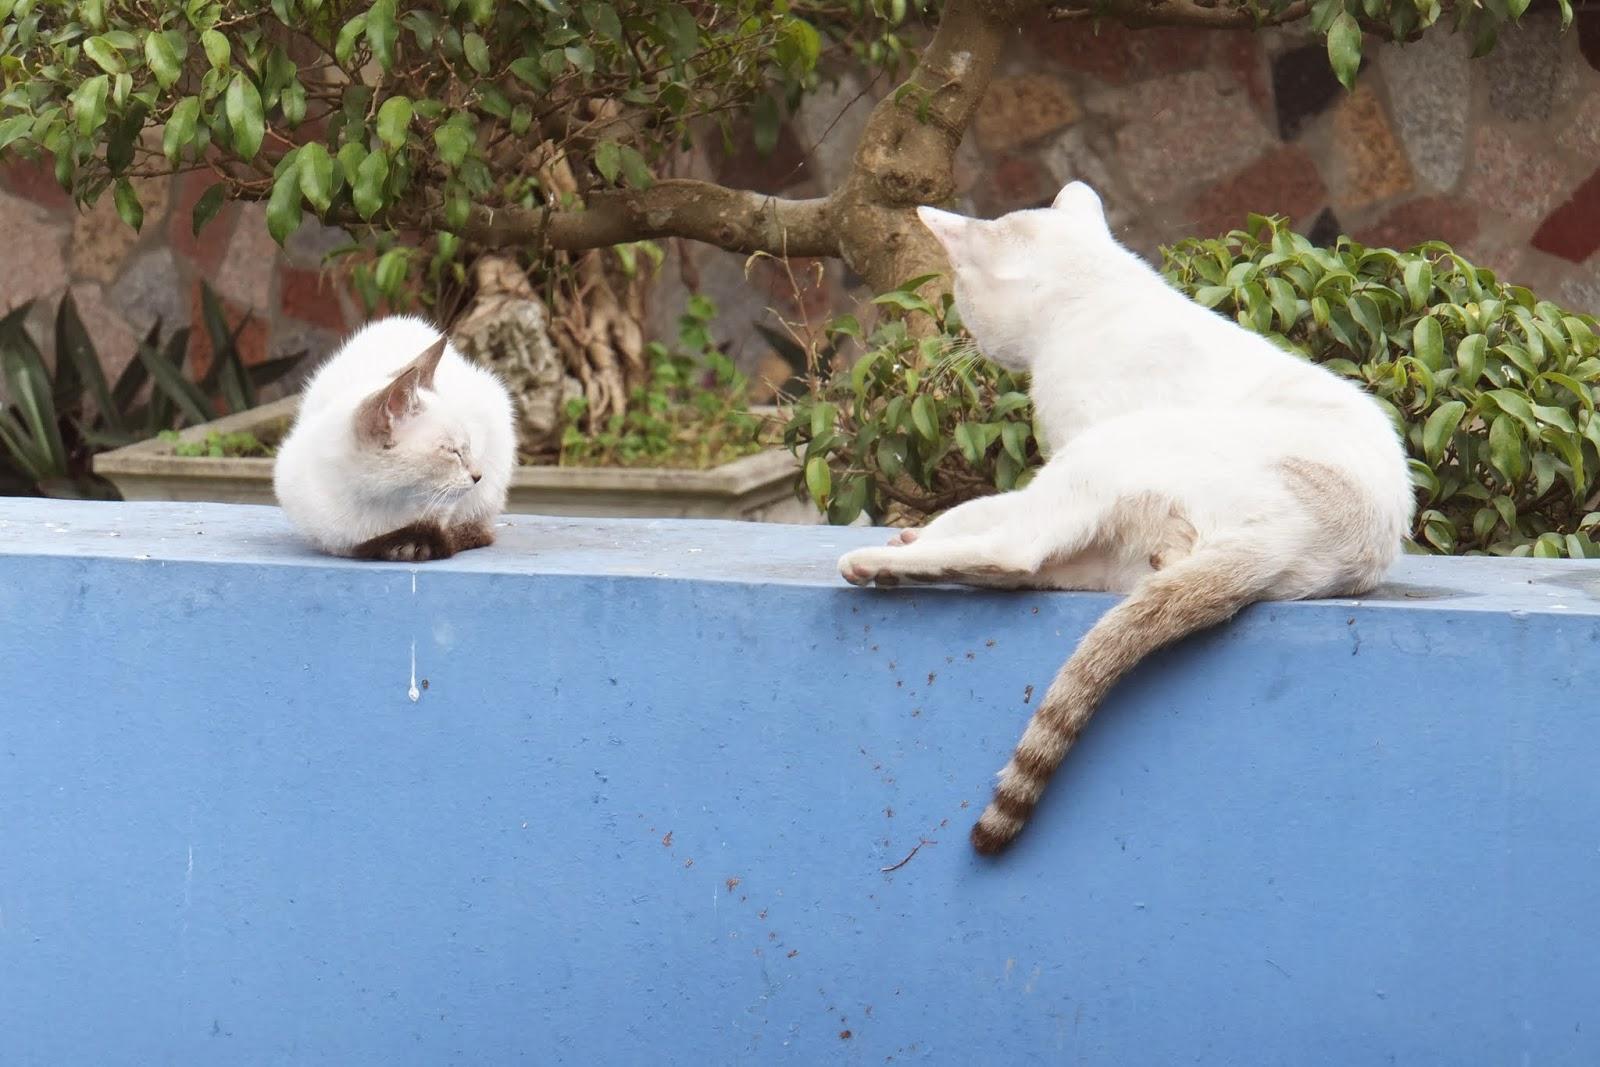 Kach san Thang loi hotel タンロイホテルの猫